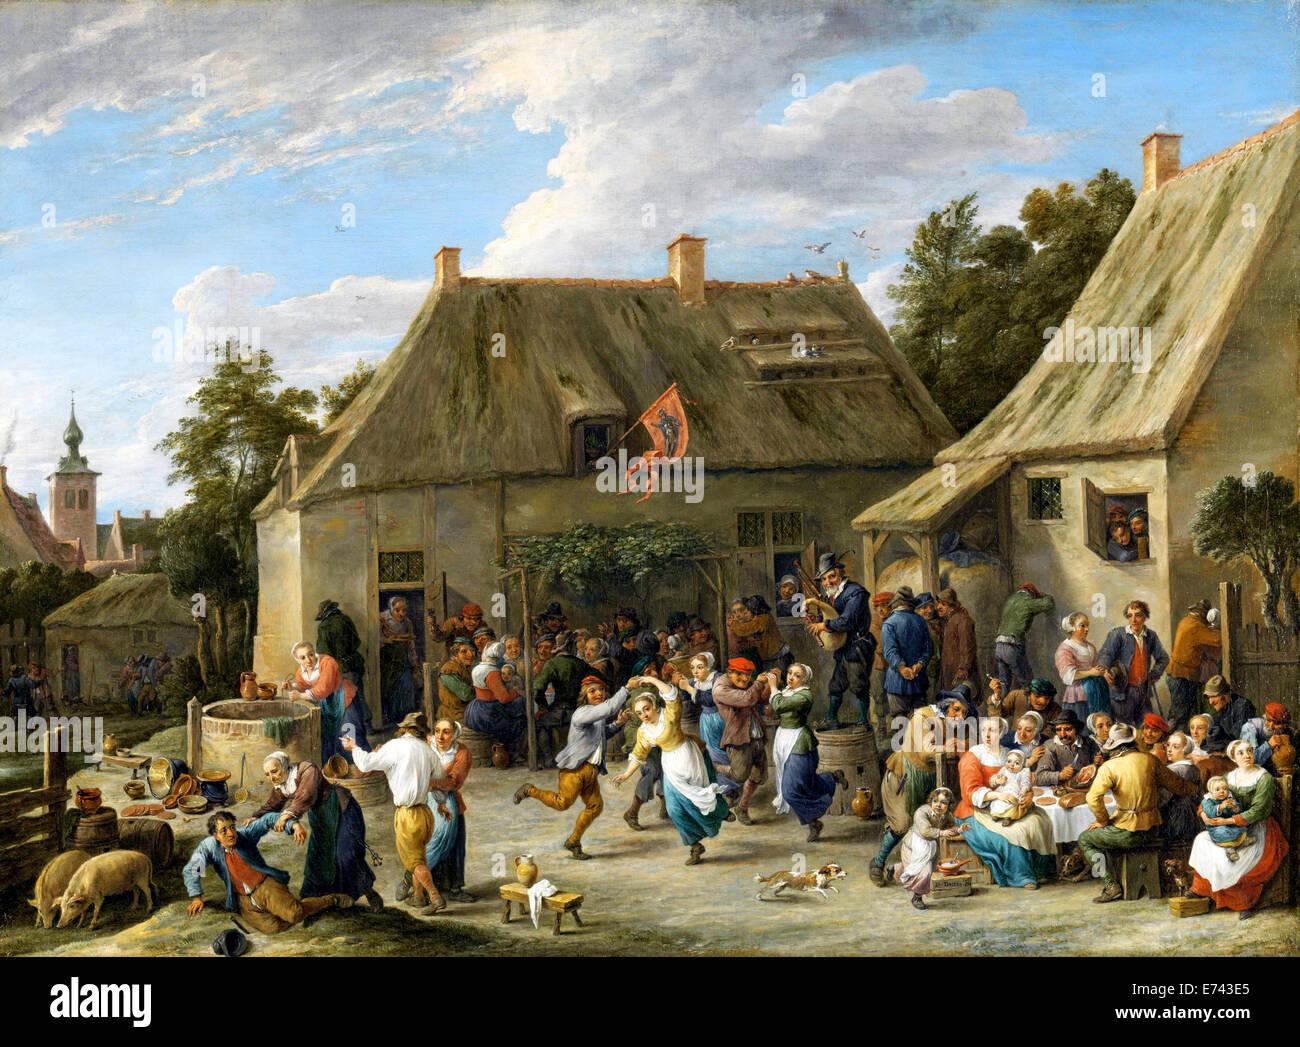 Peasant Kermis - by David Teniers, 1665 - Stock Image